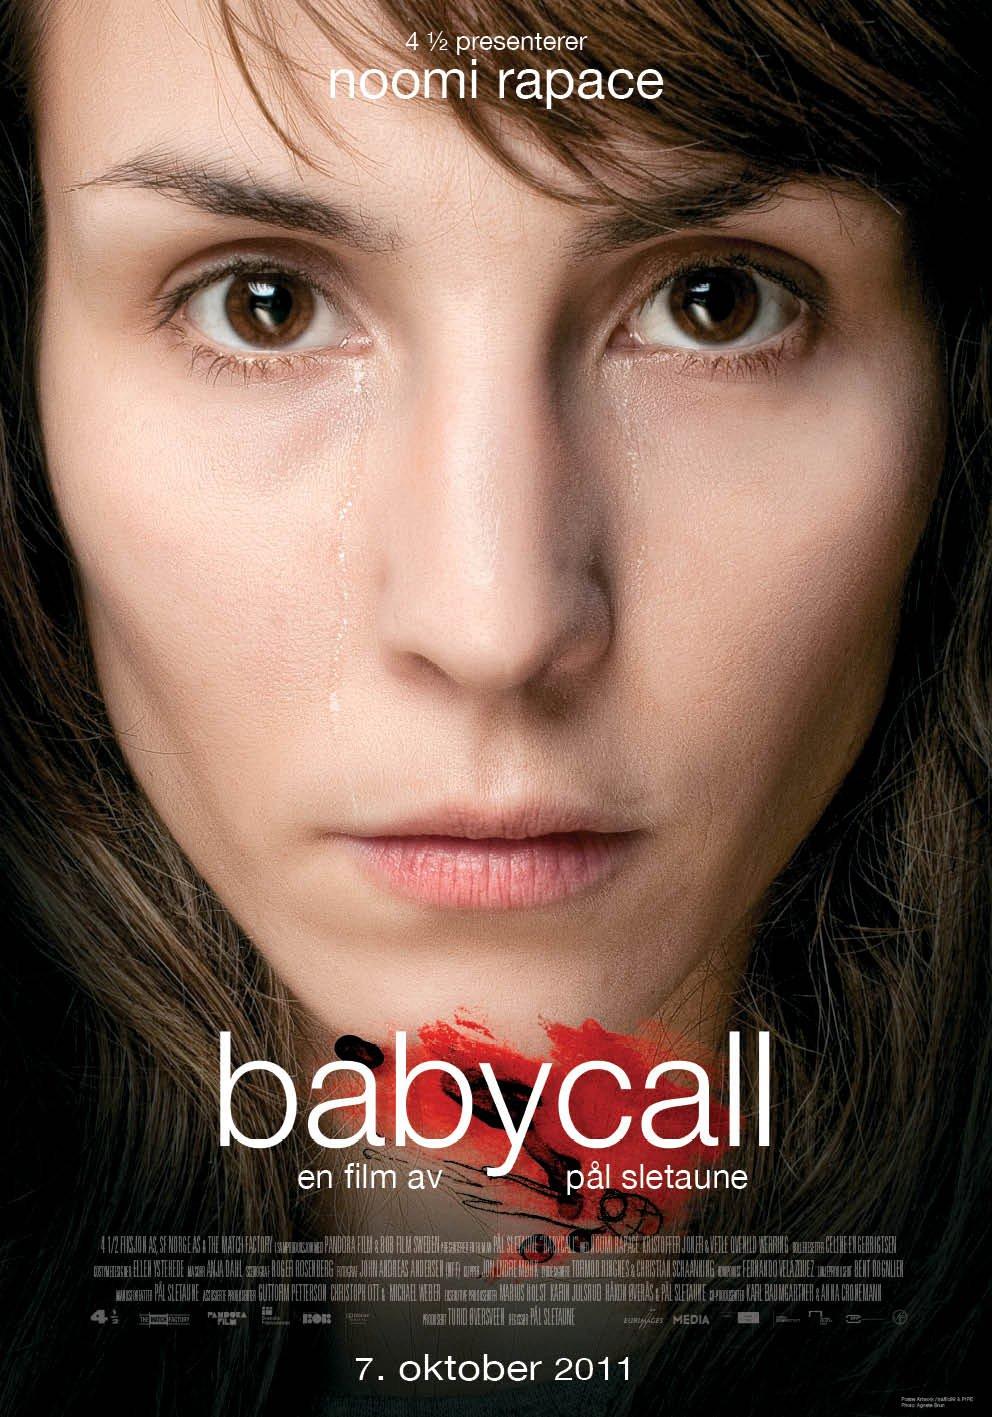 babycall_poster.jpg